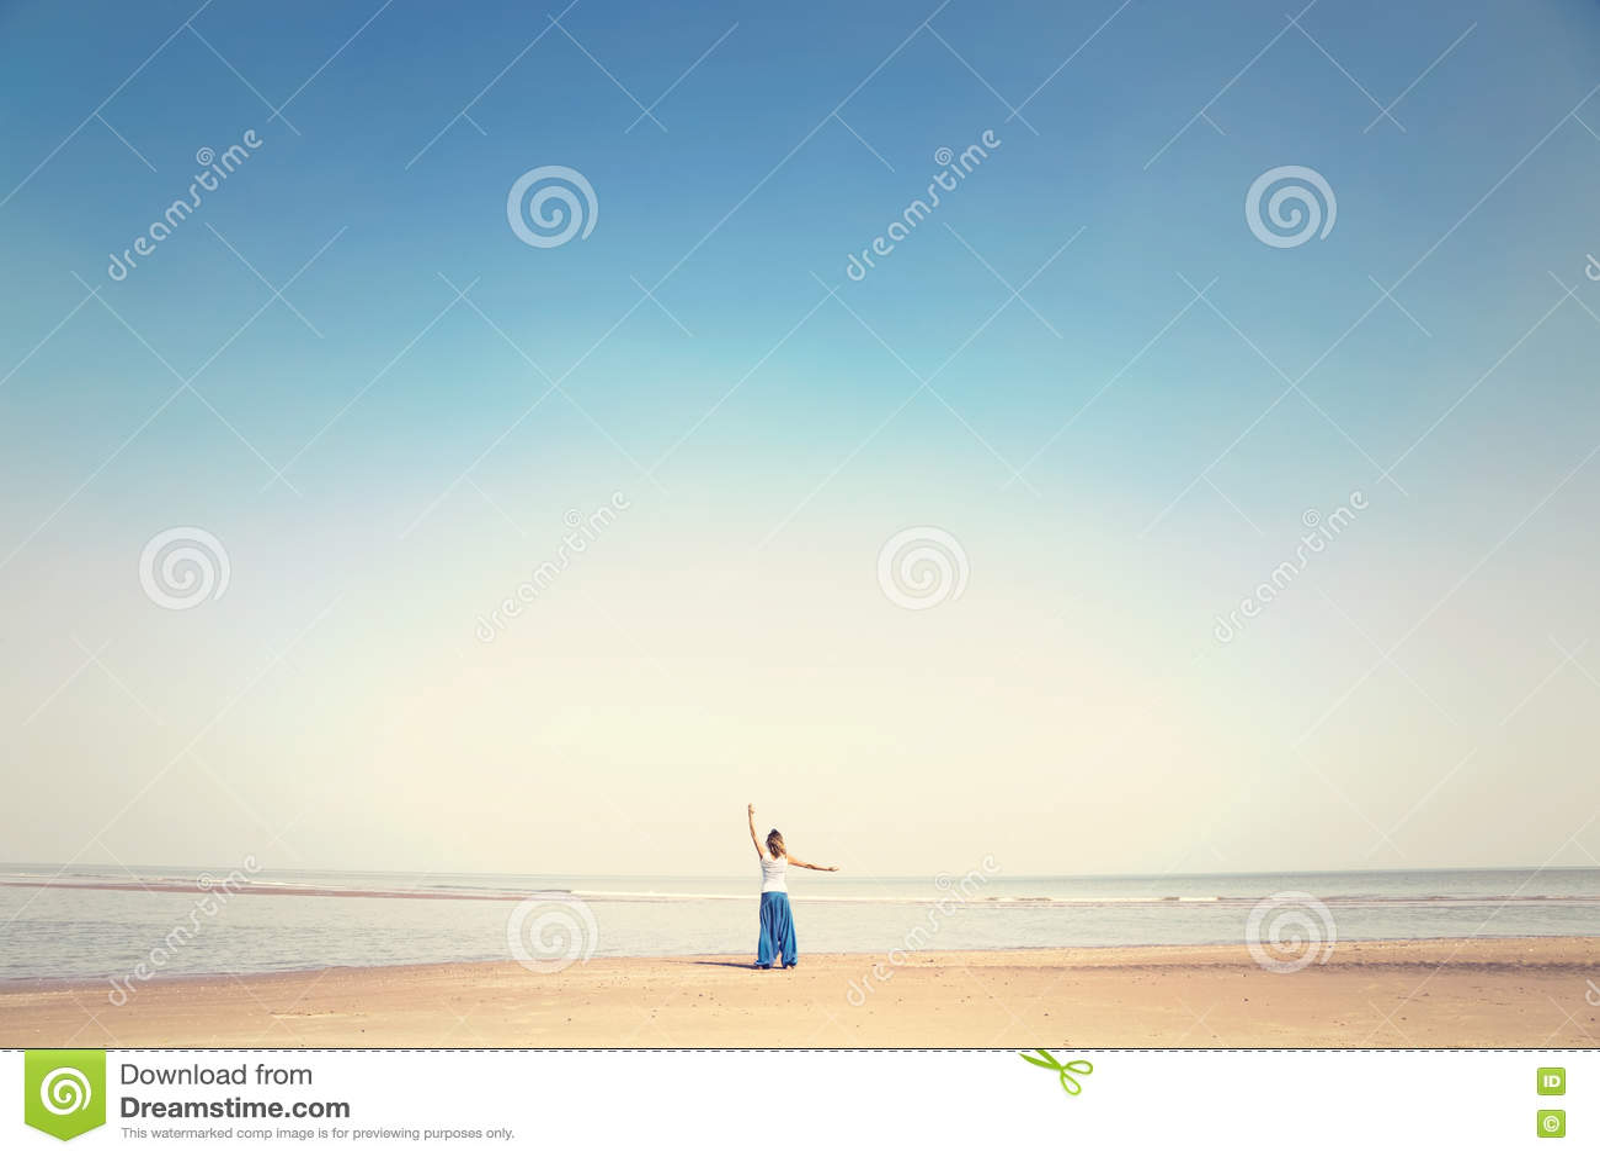 La femme fait des exercices de méditation faisant face à la mer